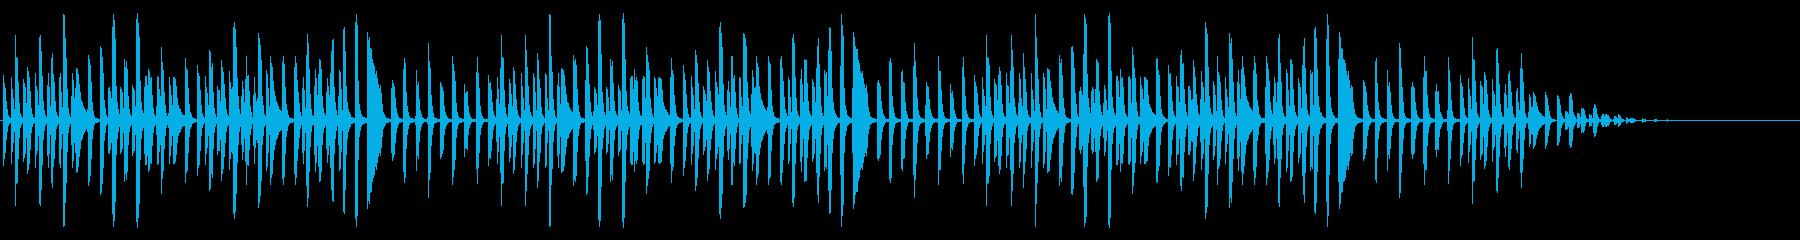 ヨドバシカメラで有名な曲のピアノソロの再生済みの波形